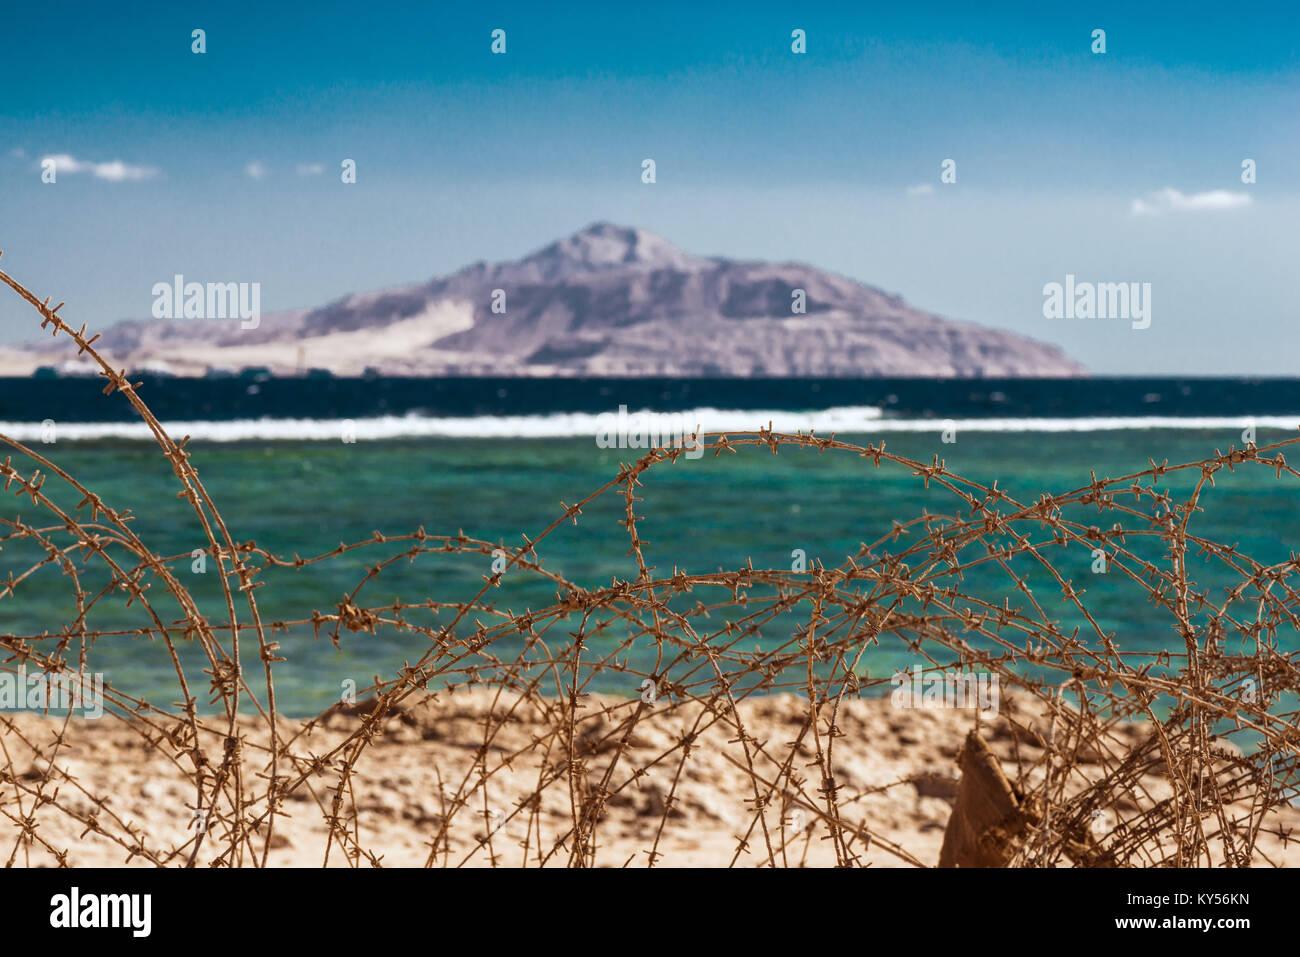 Alten Stacheldraht vor das Rote Meer und die Insel Tiran. . Kabel und blauem Himmel mit Wolken. Schutzzaun von Stacheldraht Stockbild